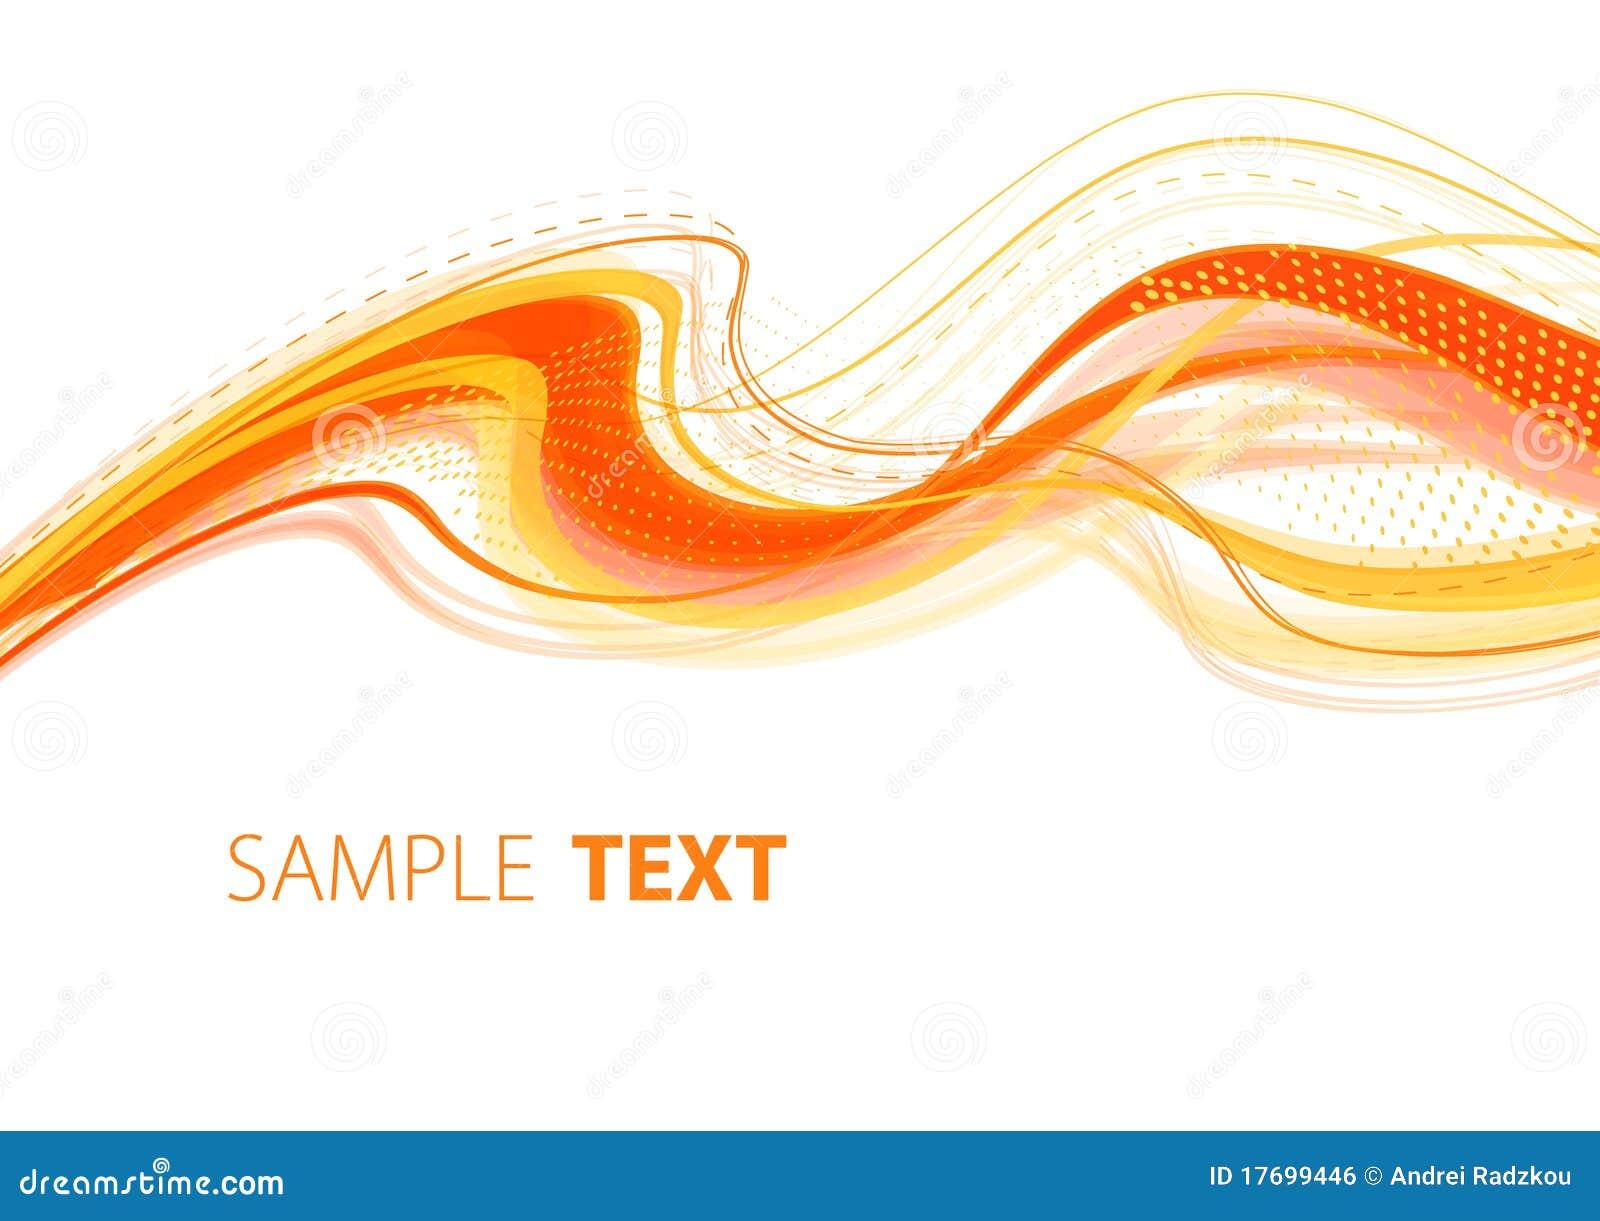 Falisty pomarańczowy szablon